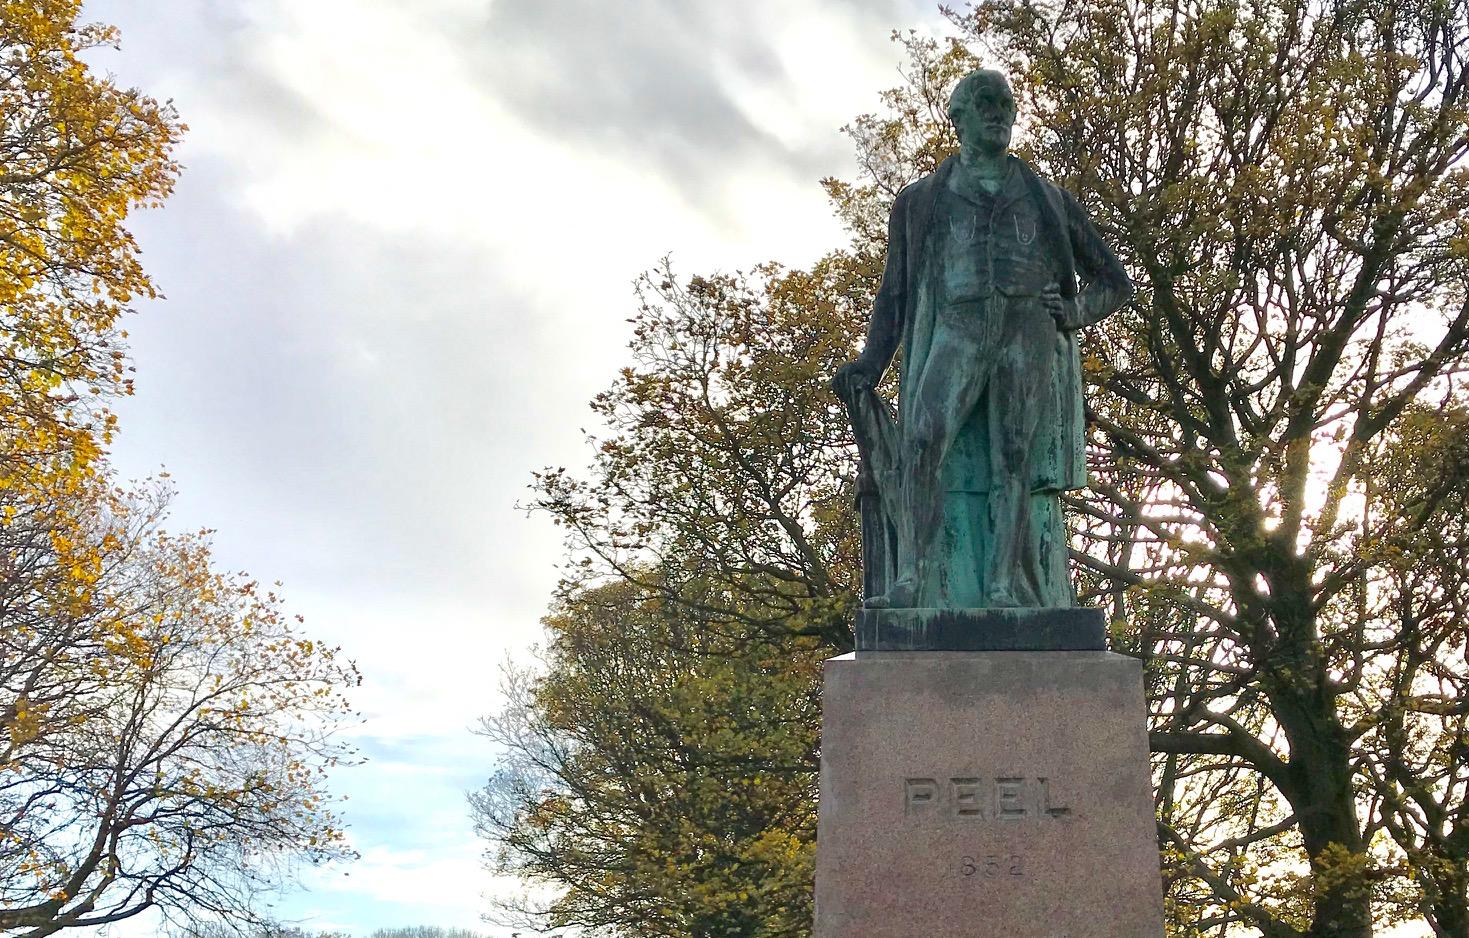 Sir Robert Peel Statue, Woodhouse Moor © HP